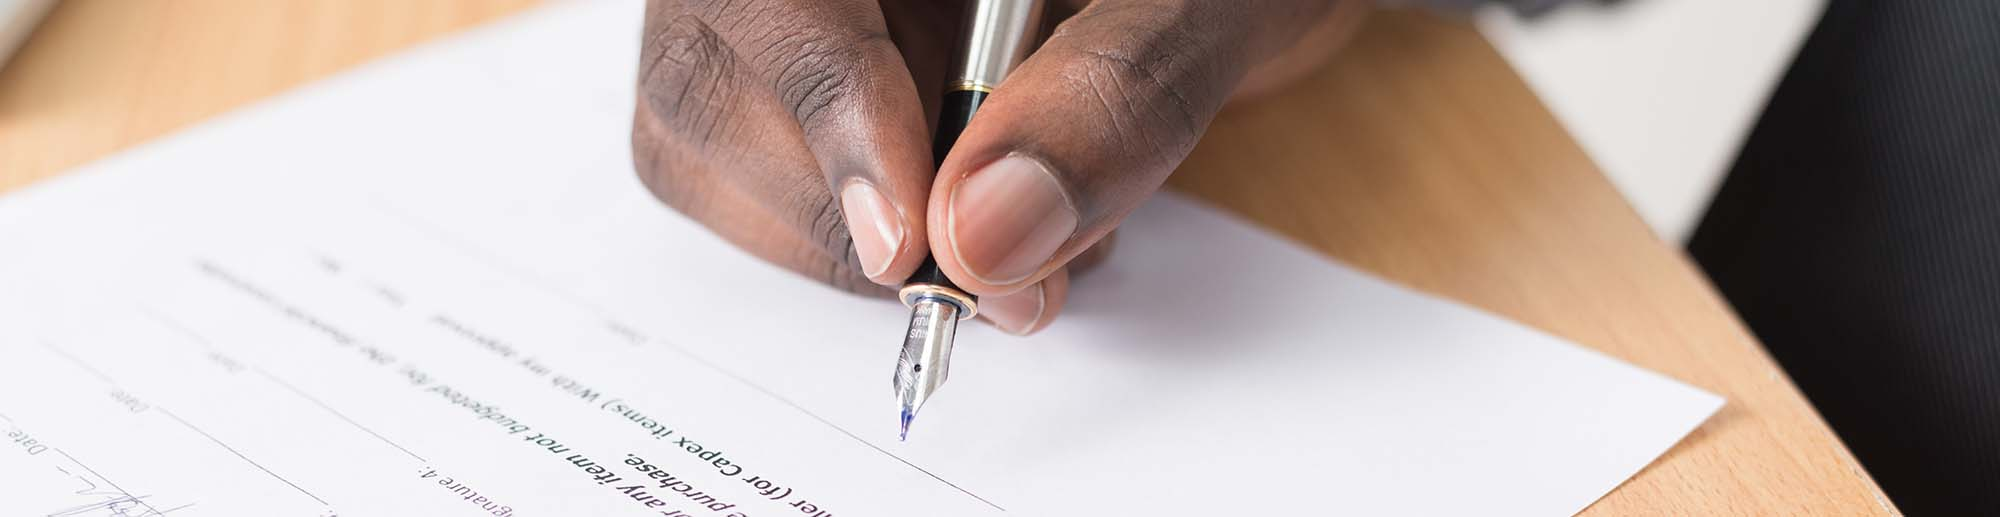 Hand skriver under på papper